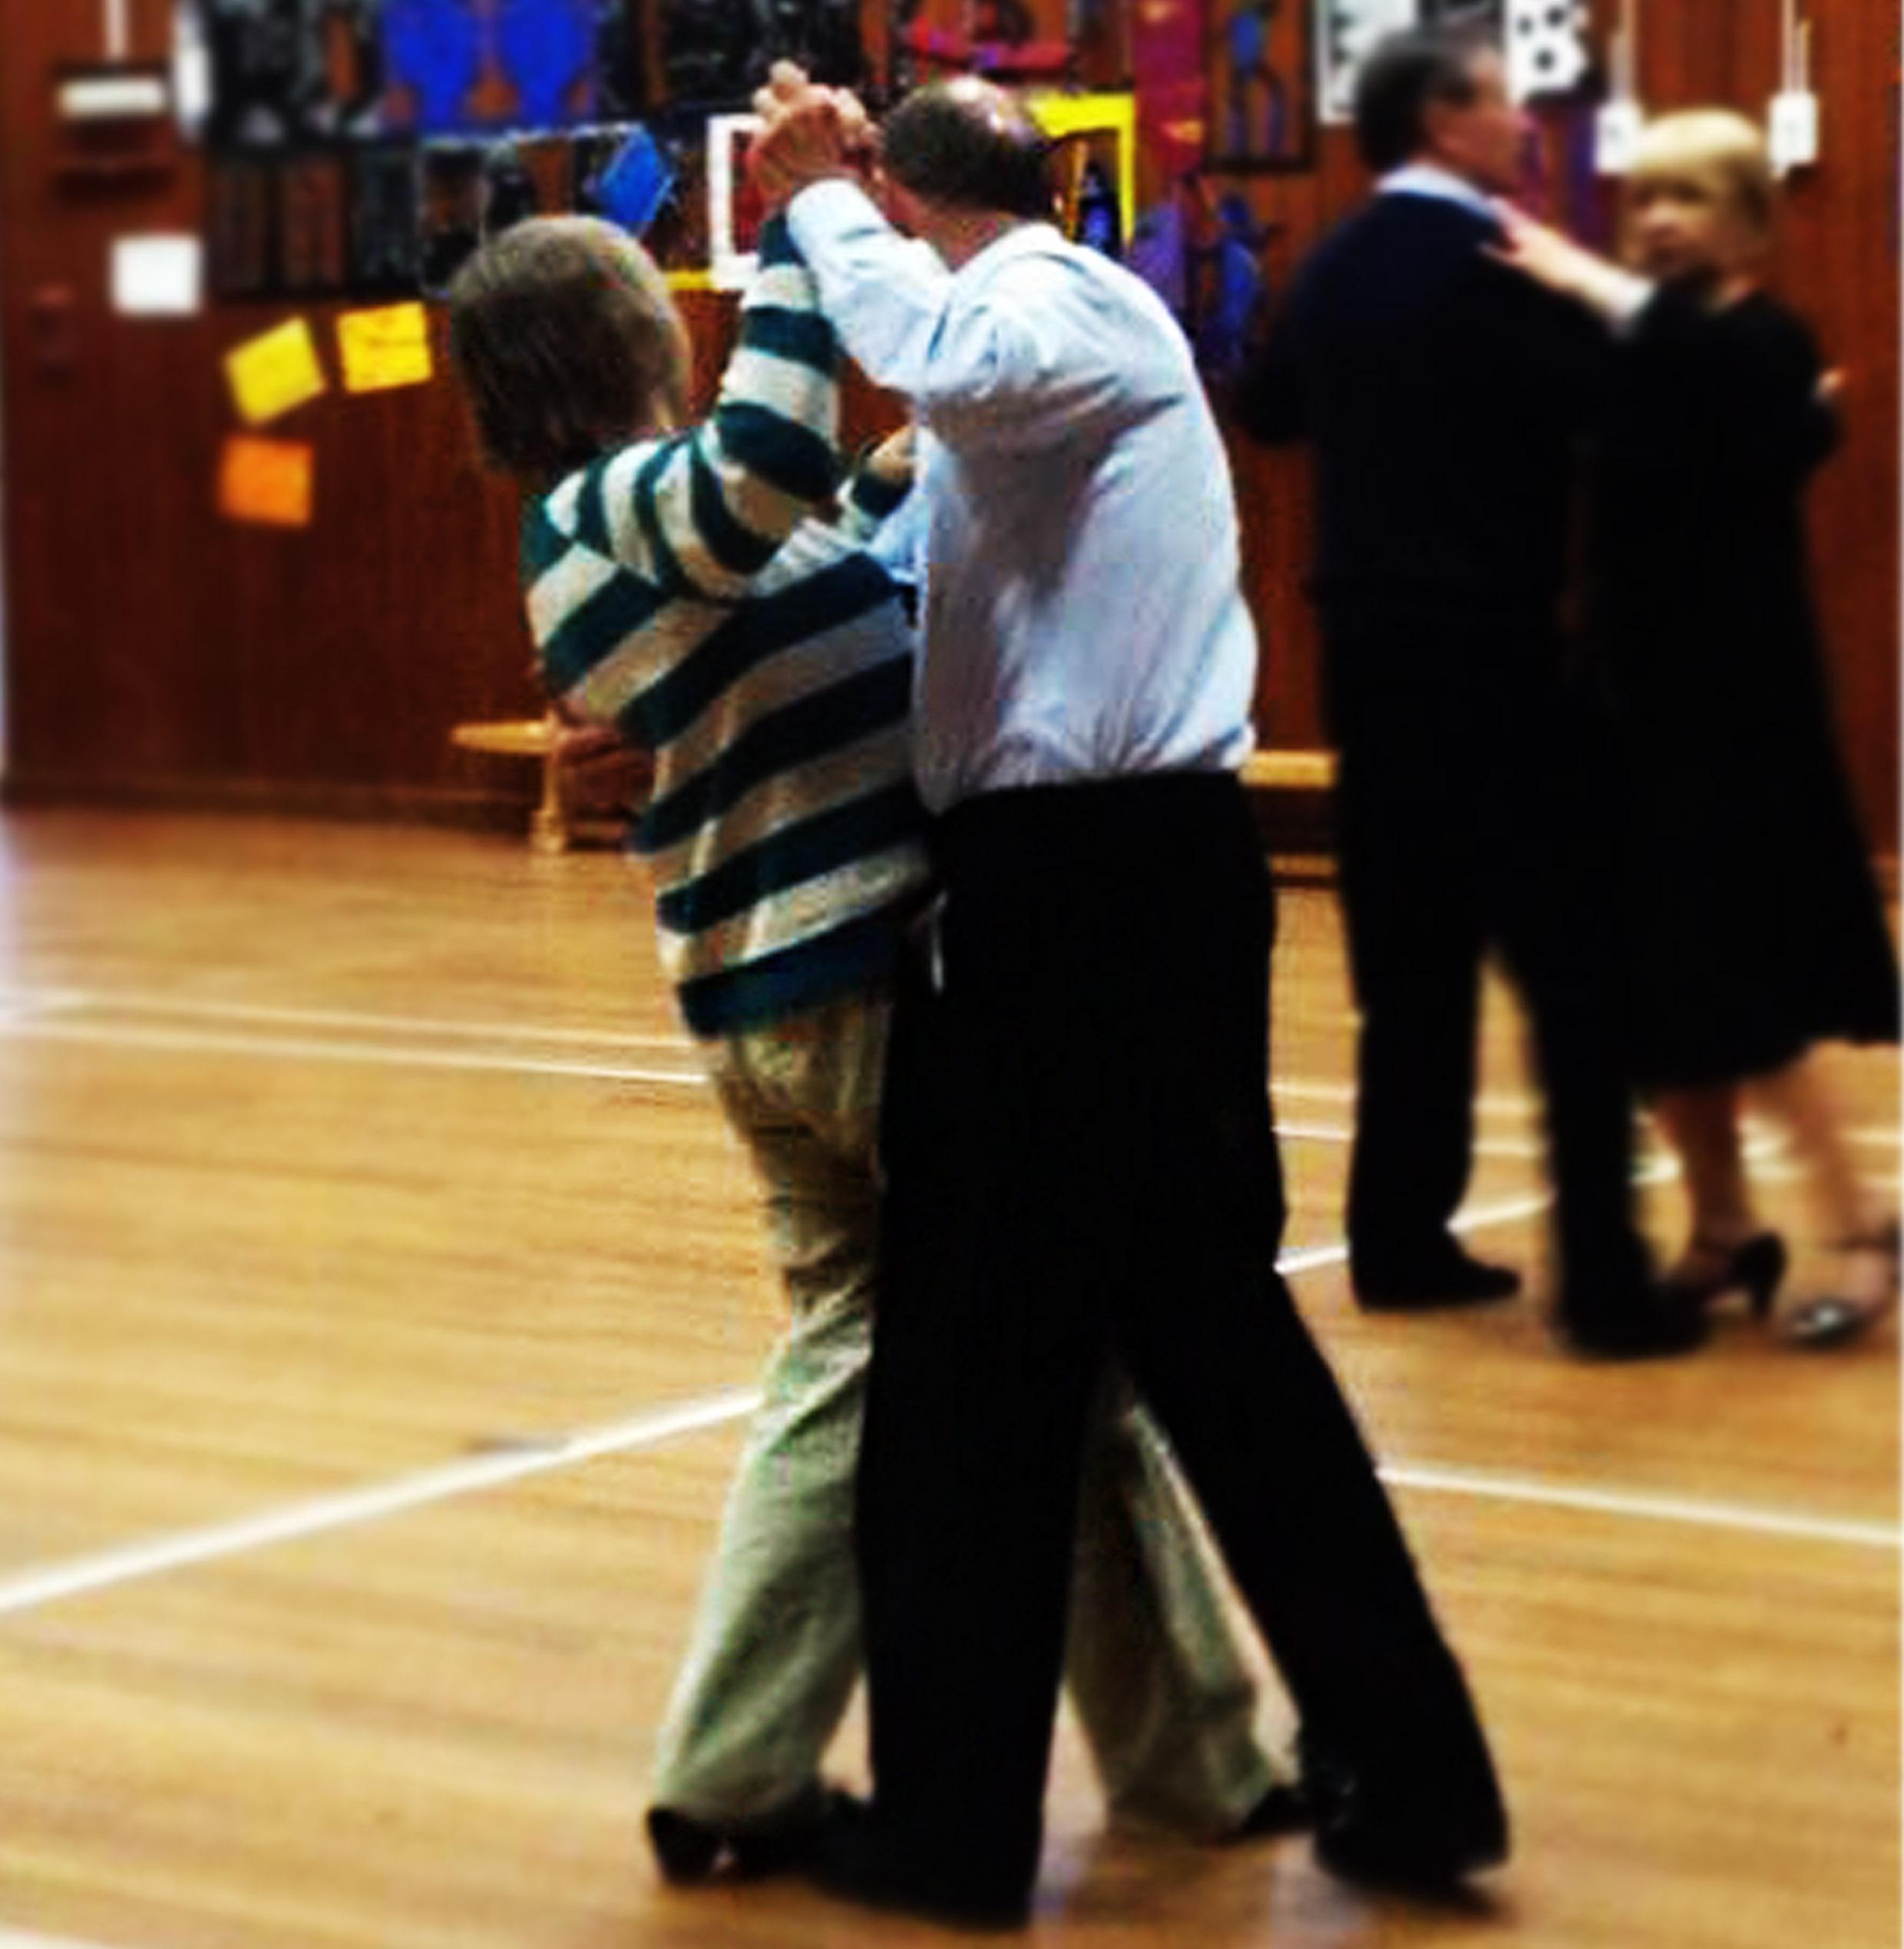 Further Ballroom Dancing banner image